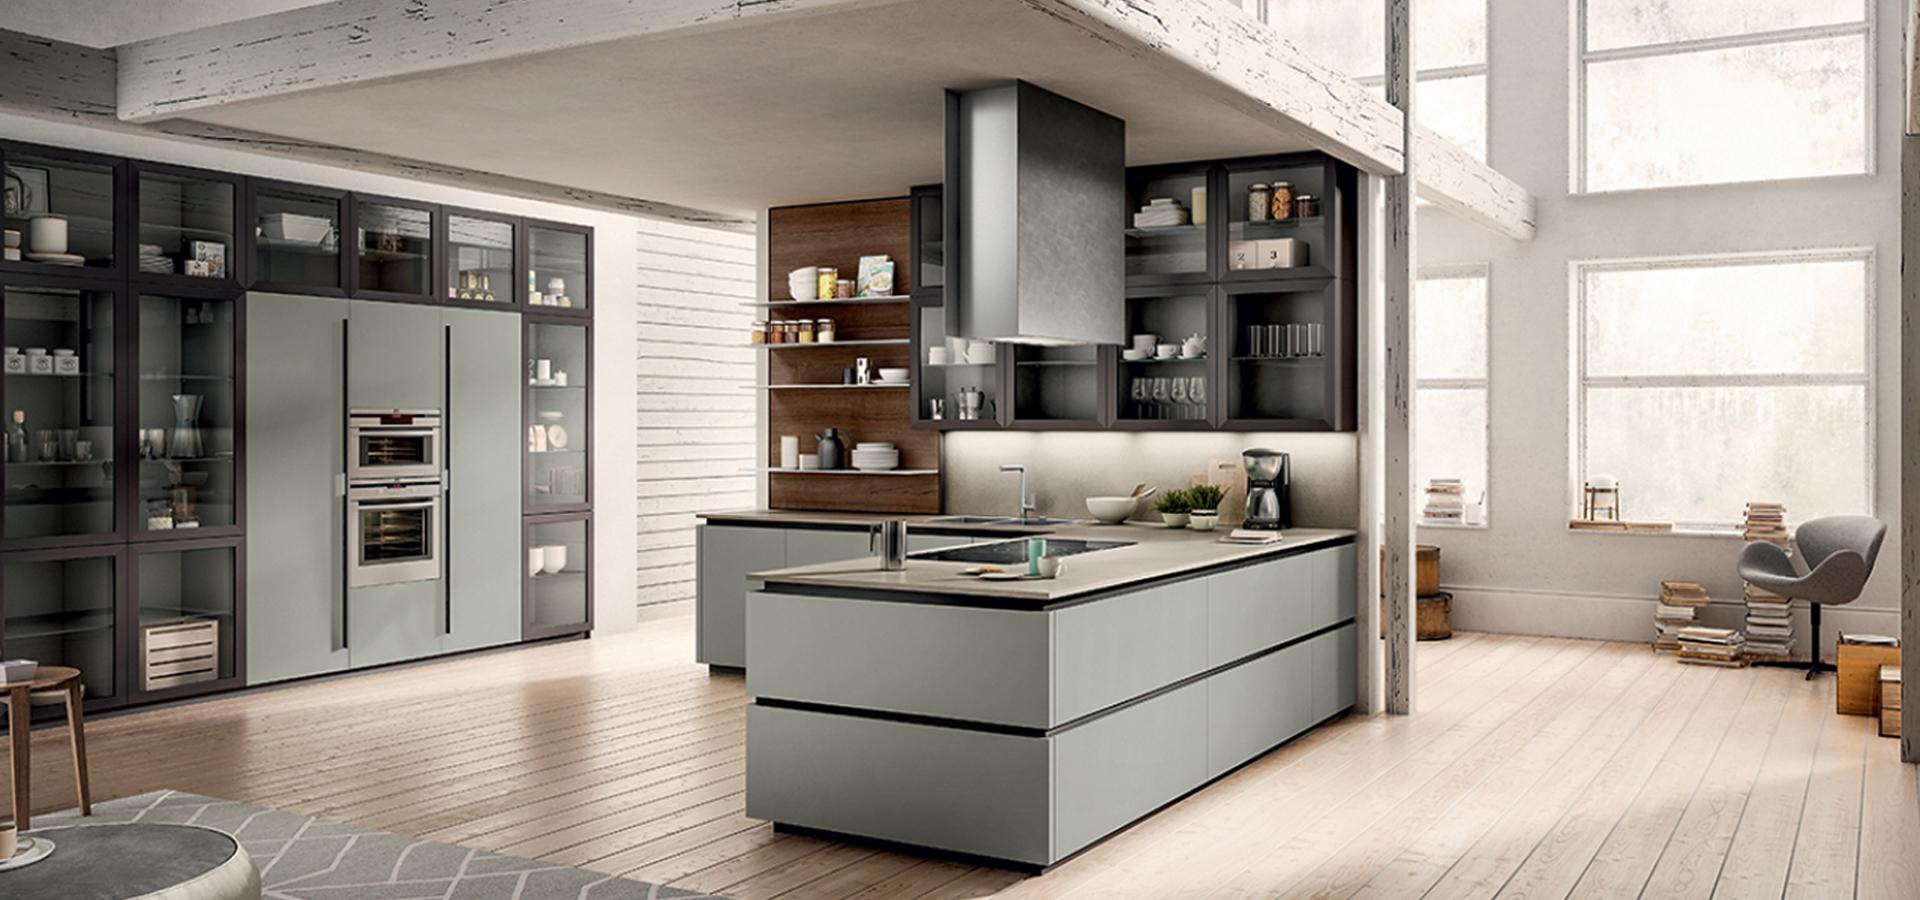 Cucina Zetasei di Arredo3 da righetti mobili a Novara Piemonte